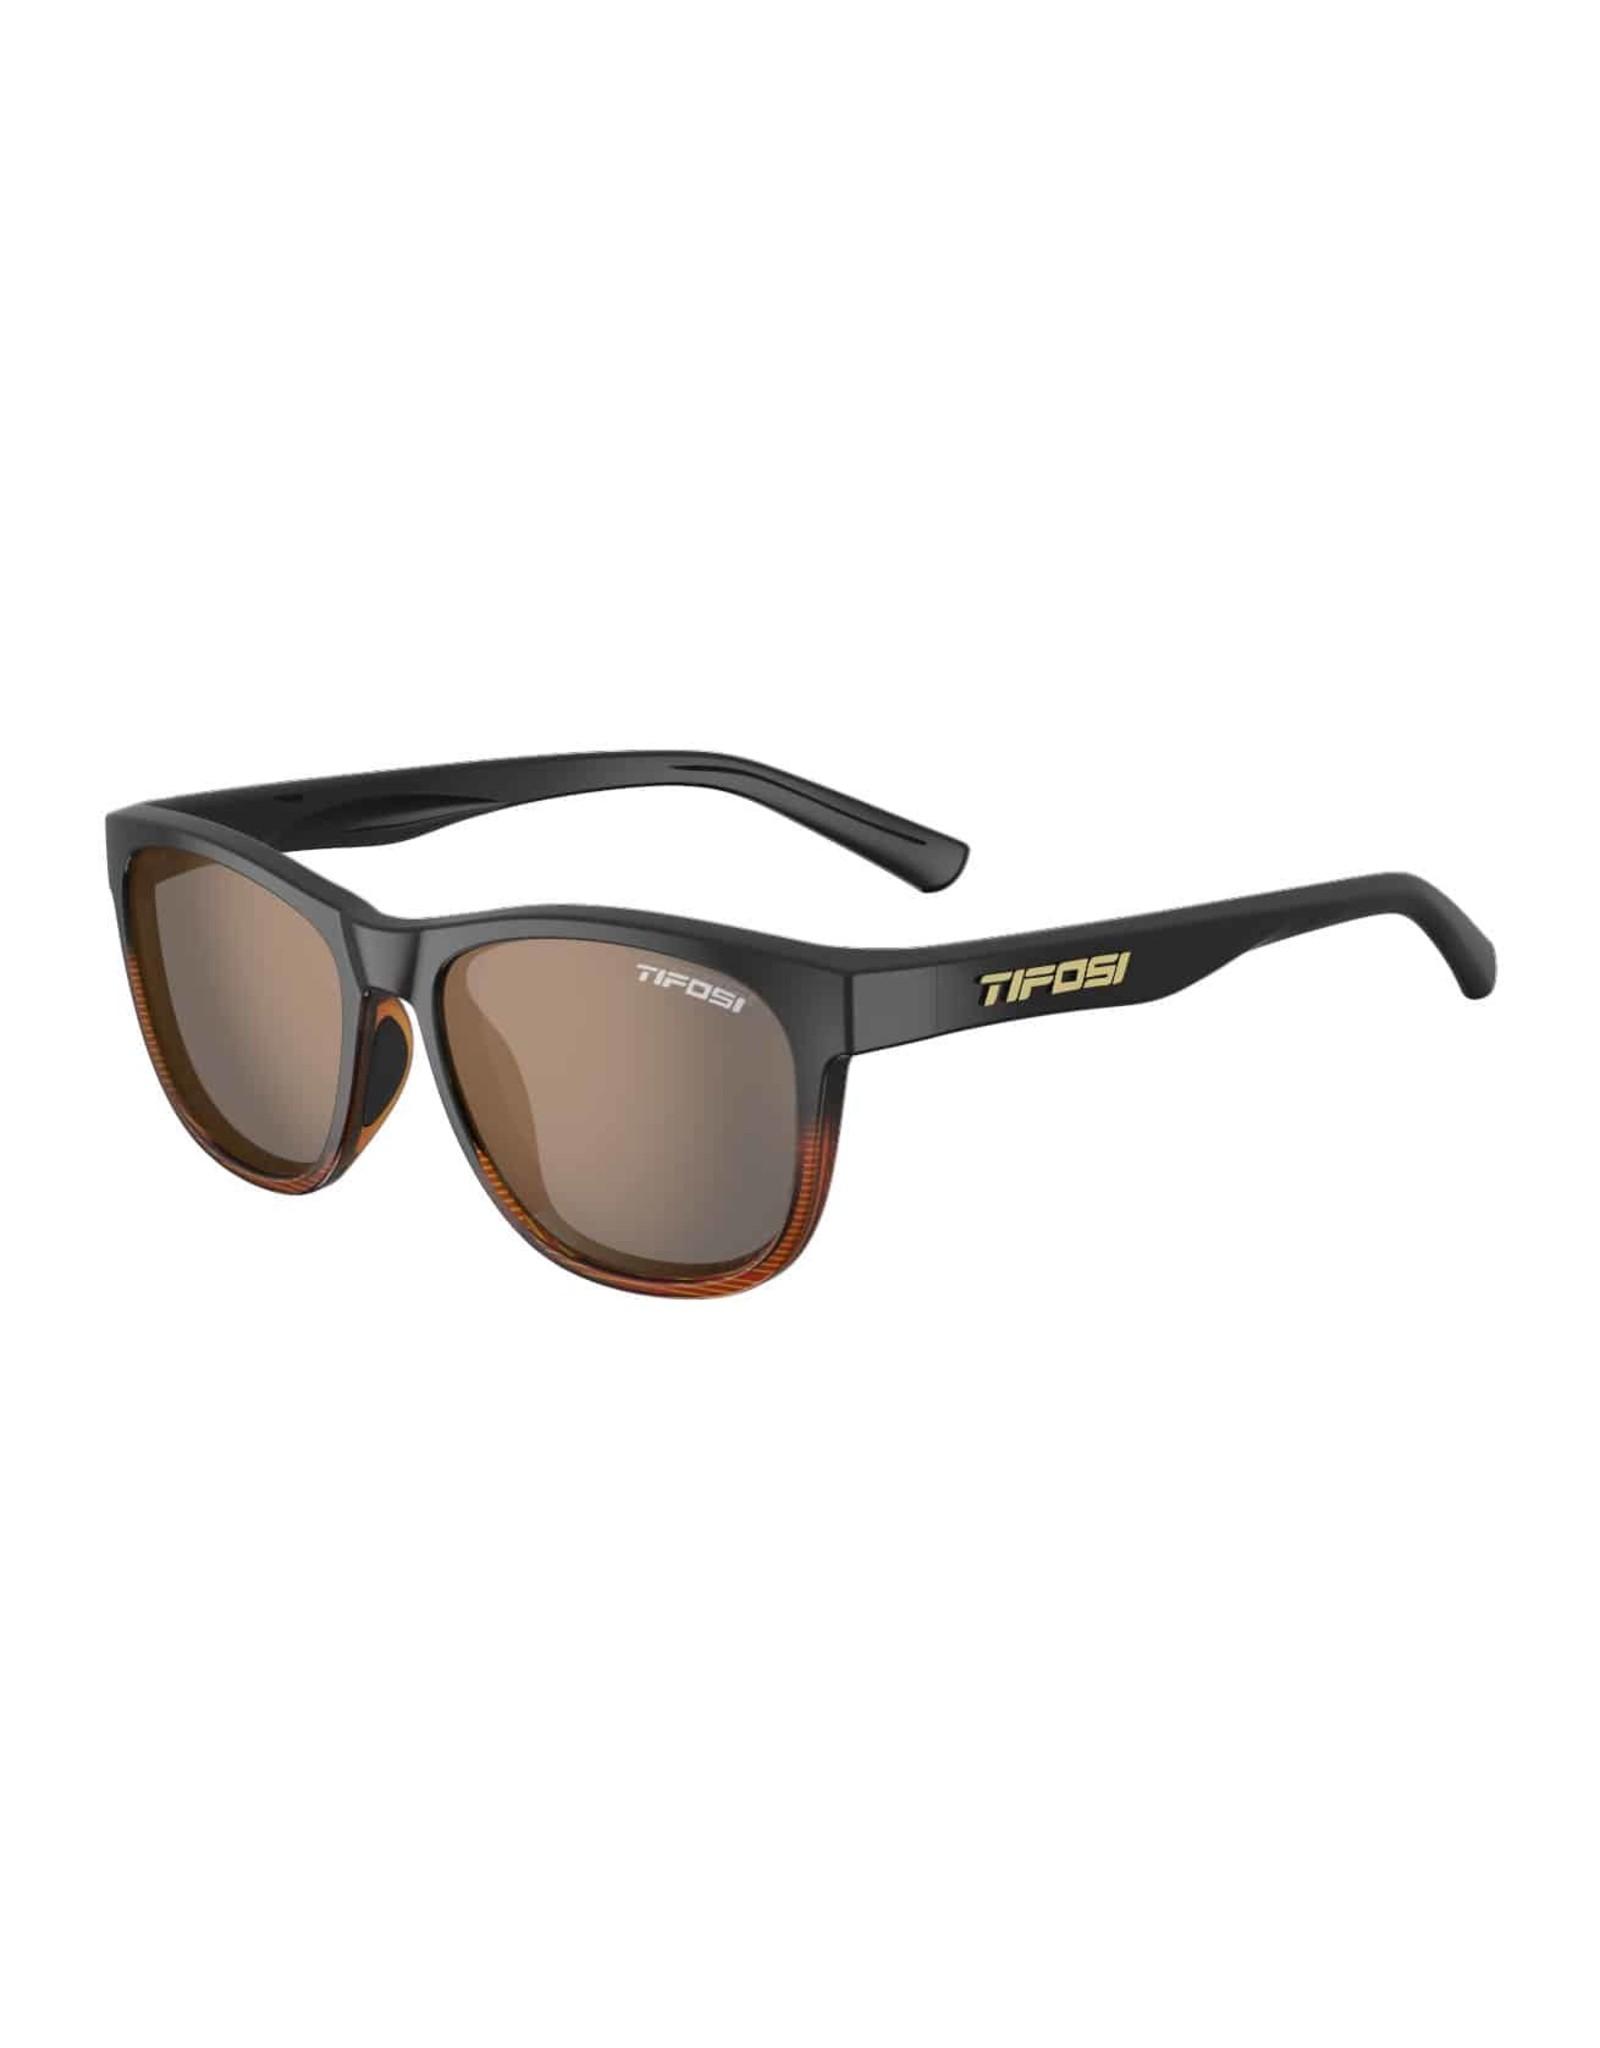 Tifosi Optics Swank, Brown Fade Brown Glasses